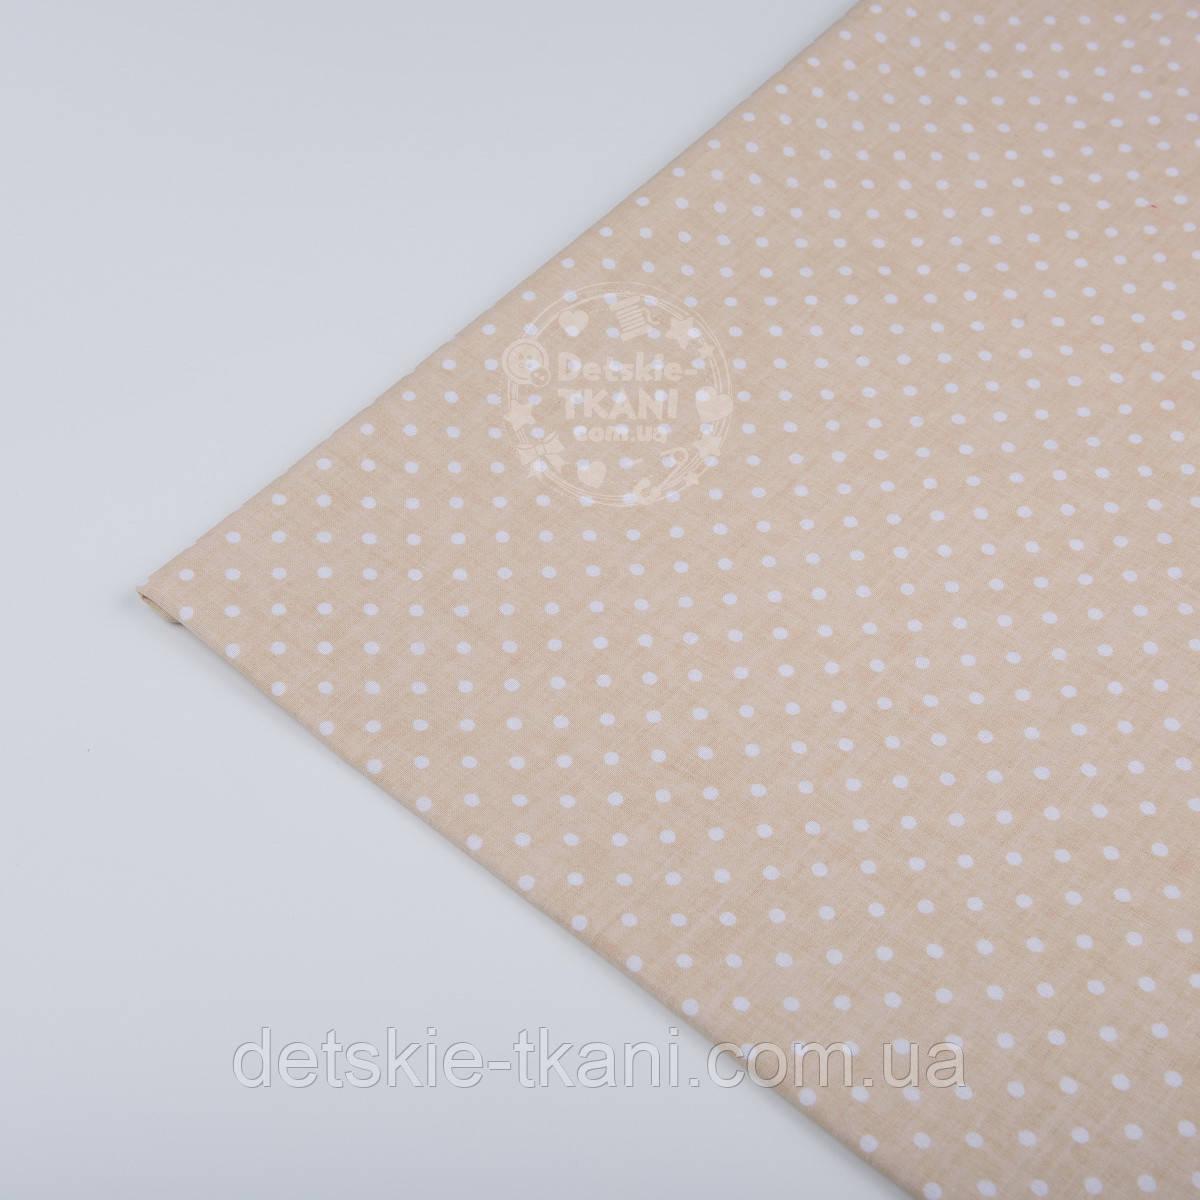 Отрез ткани №88а  с  мелким горошком на светло-кофейном фоне, размер 57*160